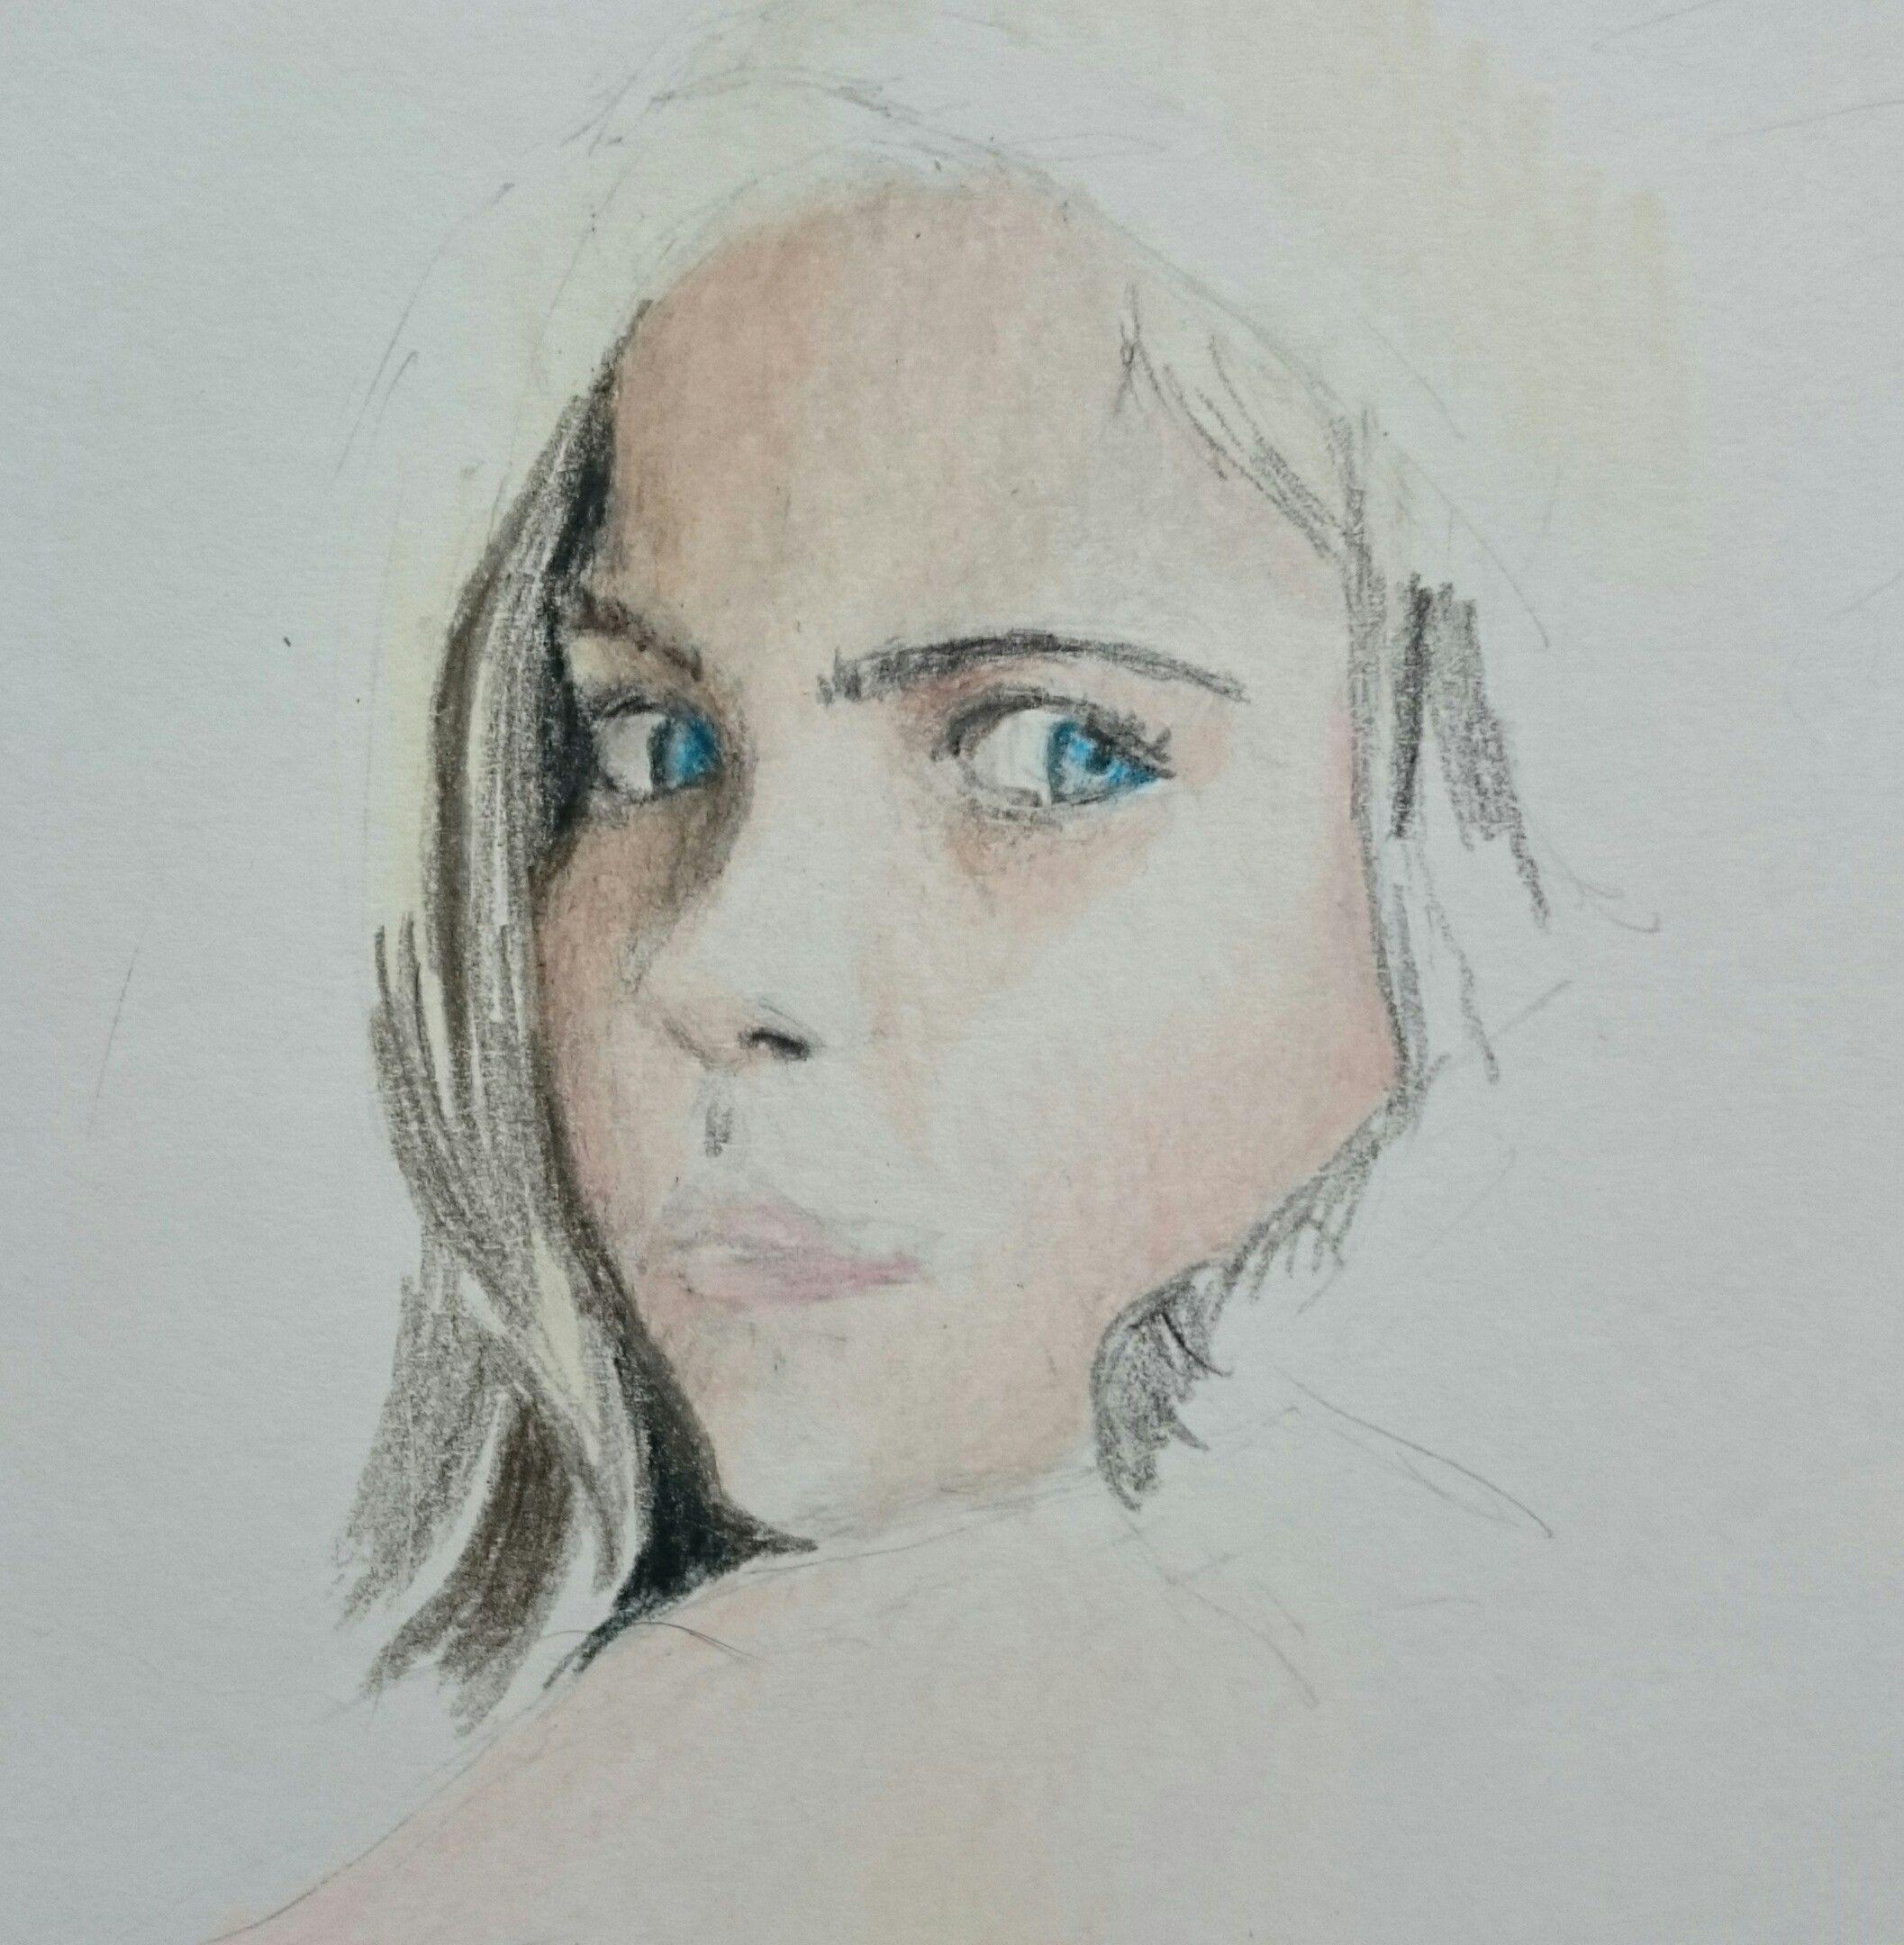 色鉛筆 リアル